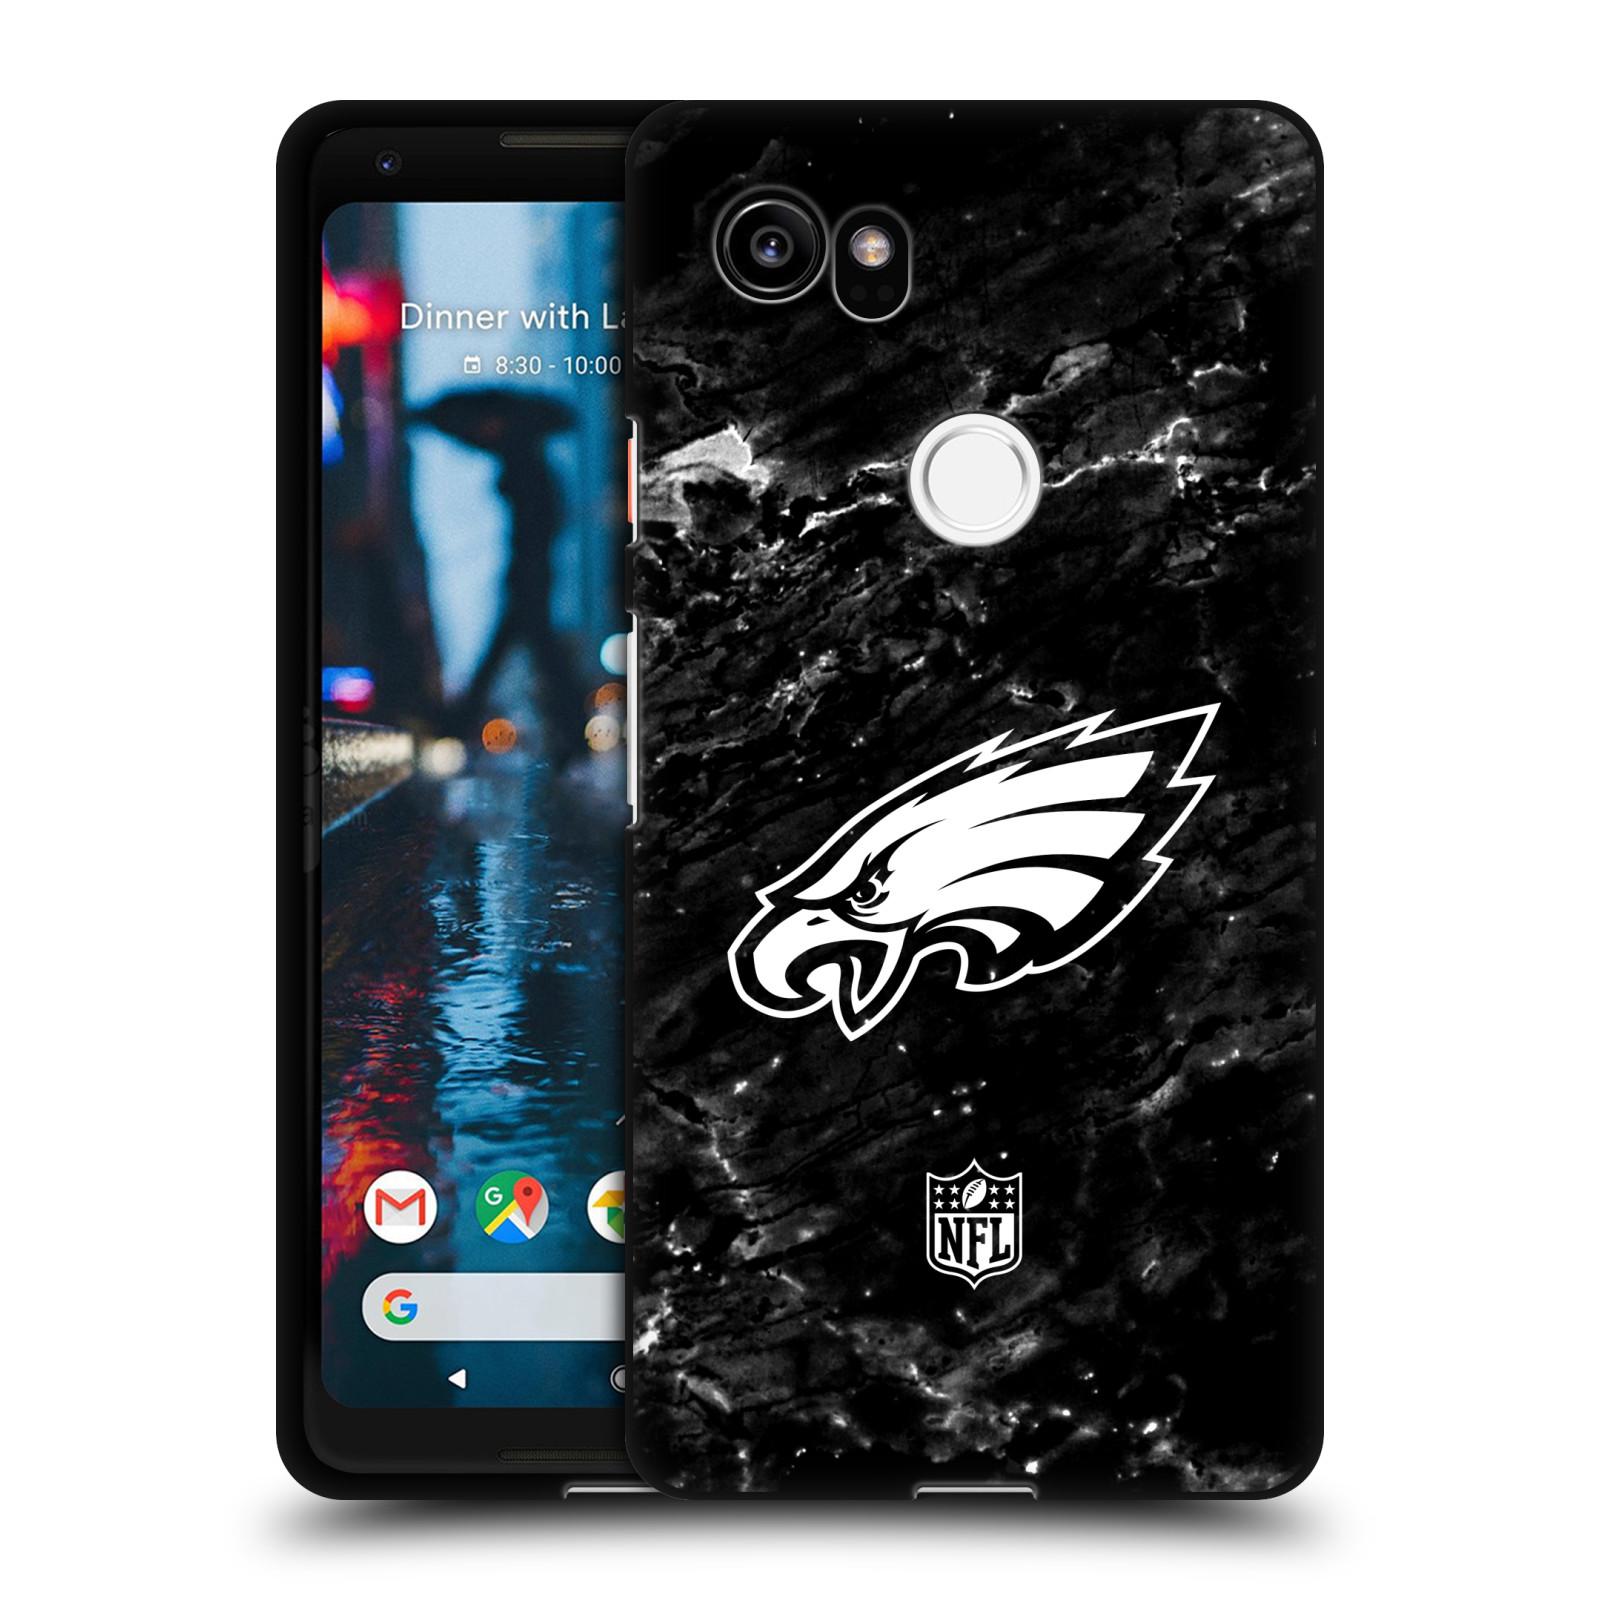 NFL-2017-18-PHILADELPHIA-EAGLES-COQUE-EN-GEL-DOUX-NOIR-POUR-GOOGLE-TELEPHONES